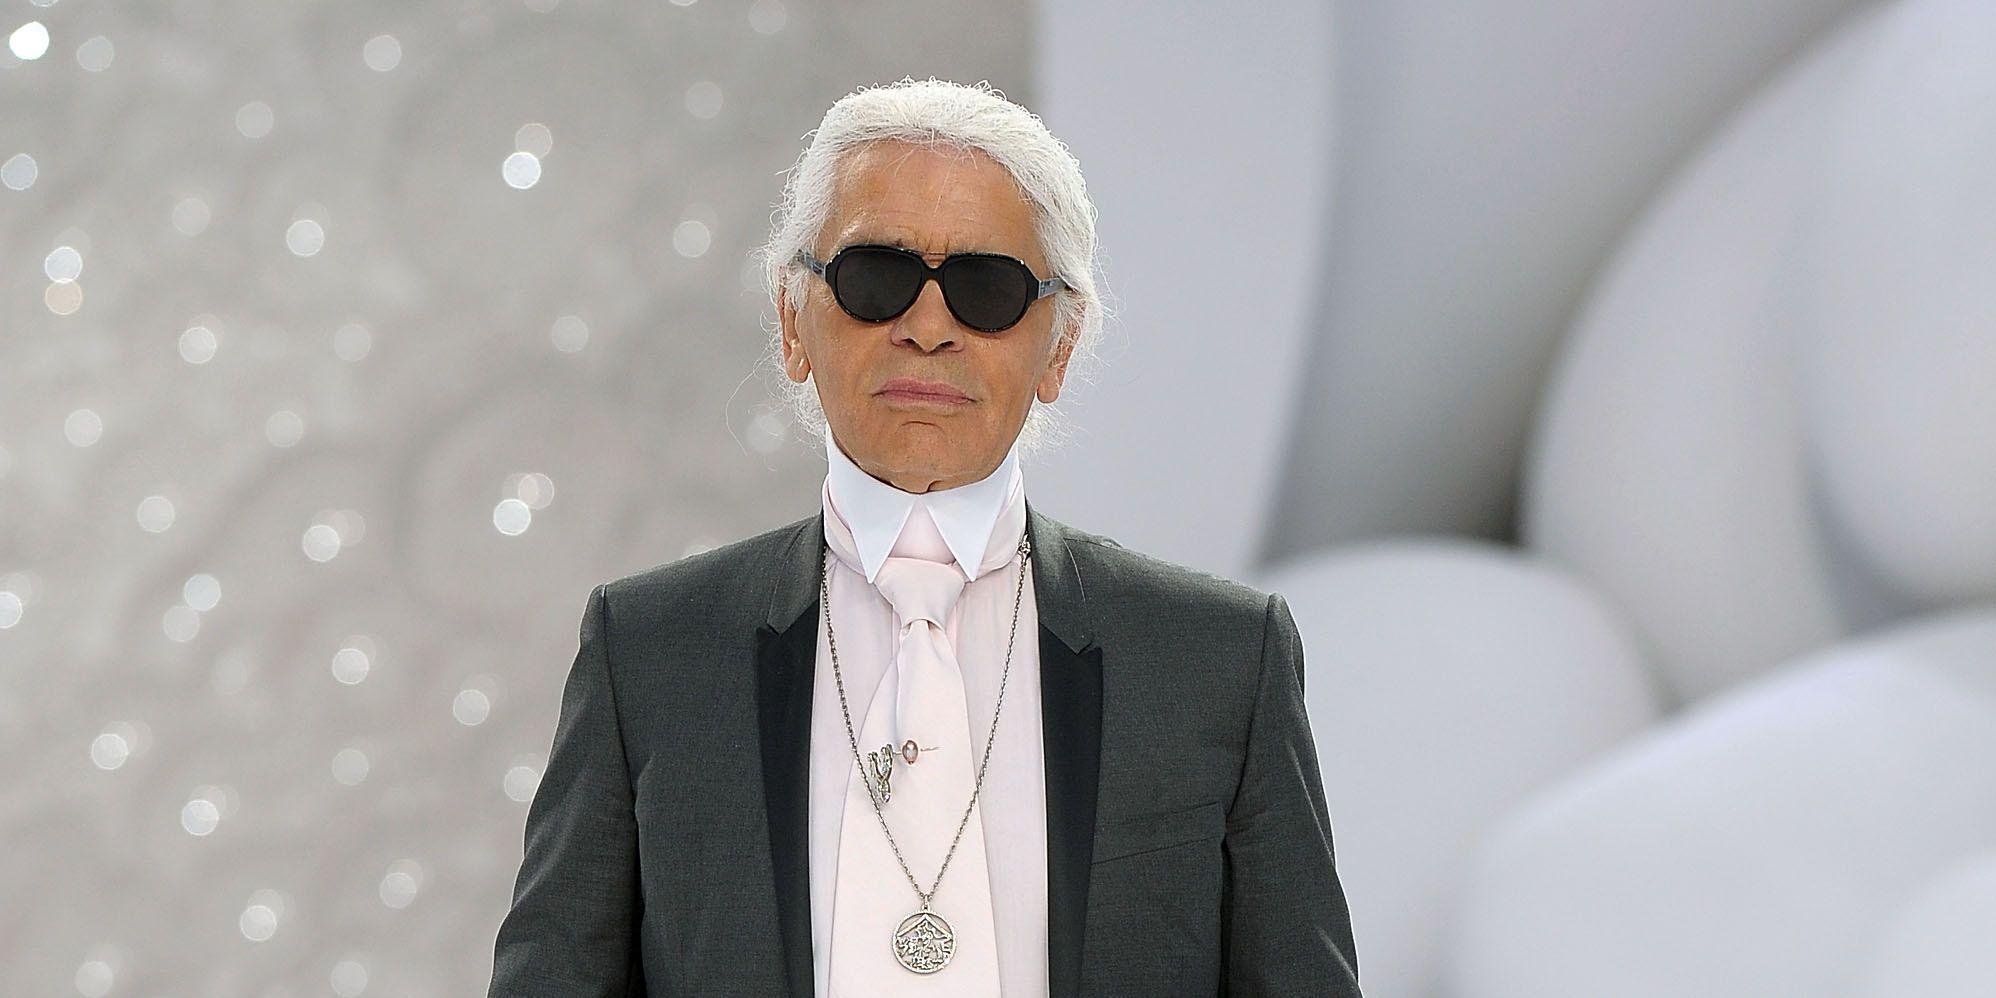 Karl Lagerfeld's Career Was Unlike Anyone Else's